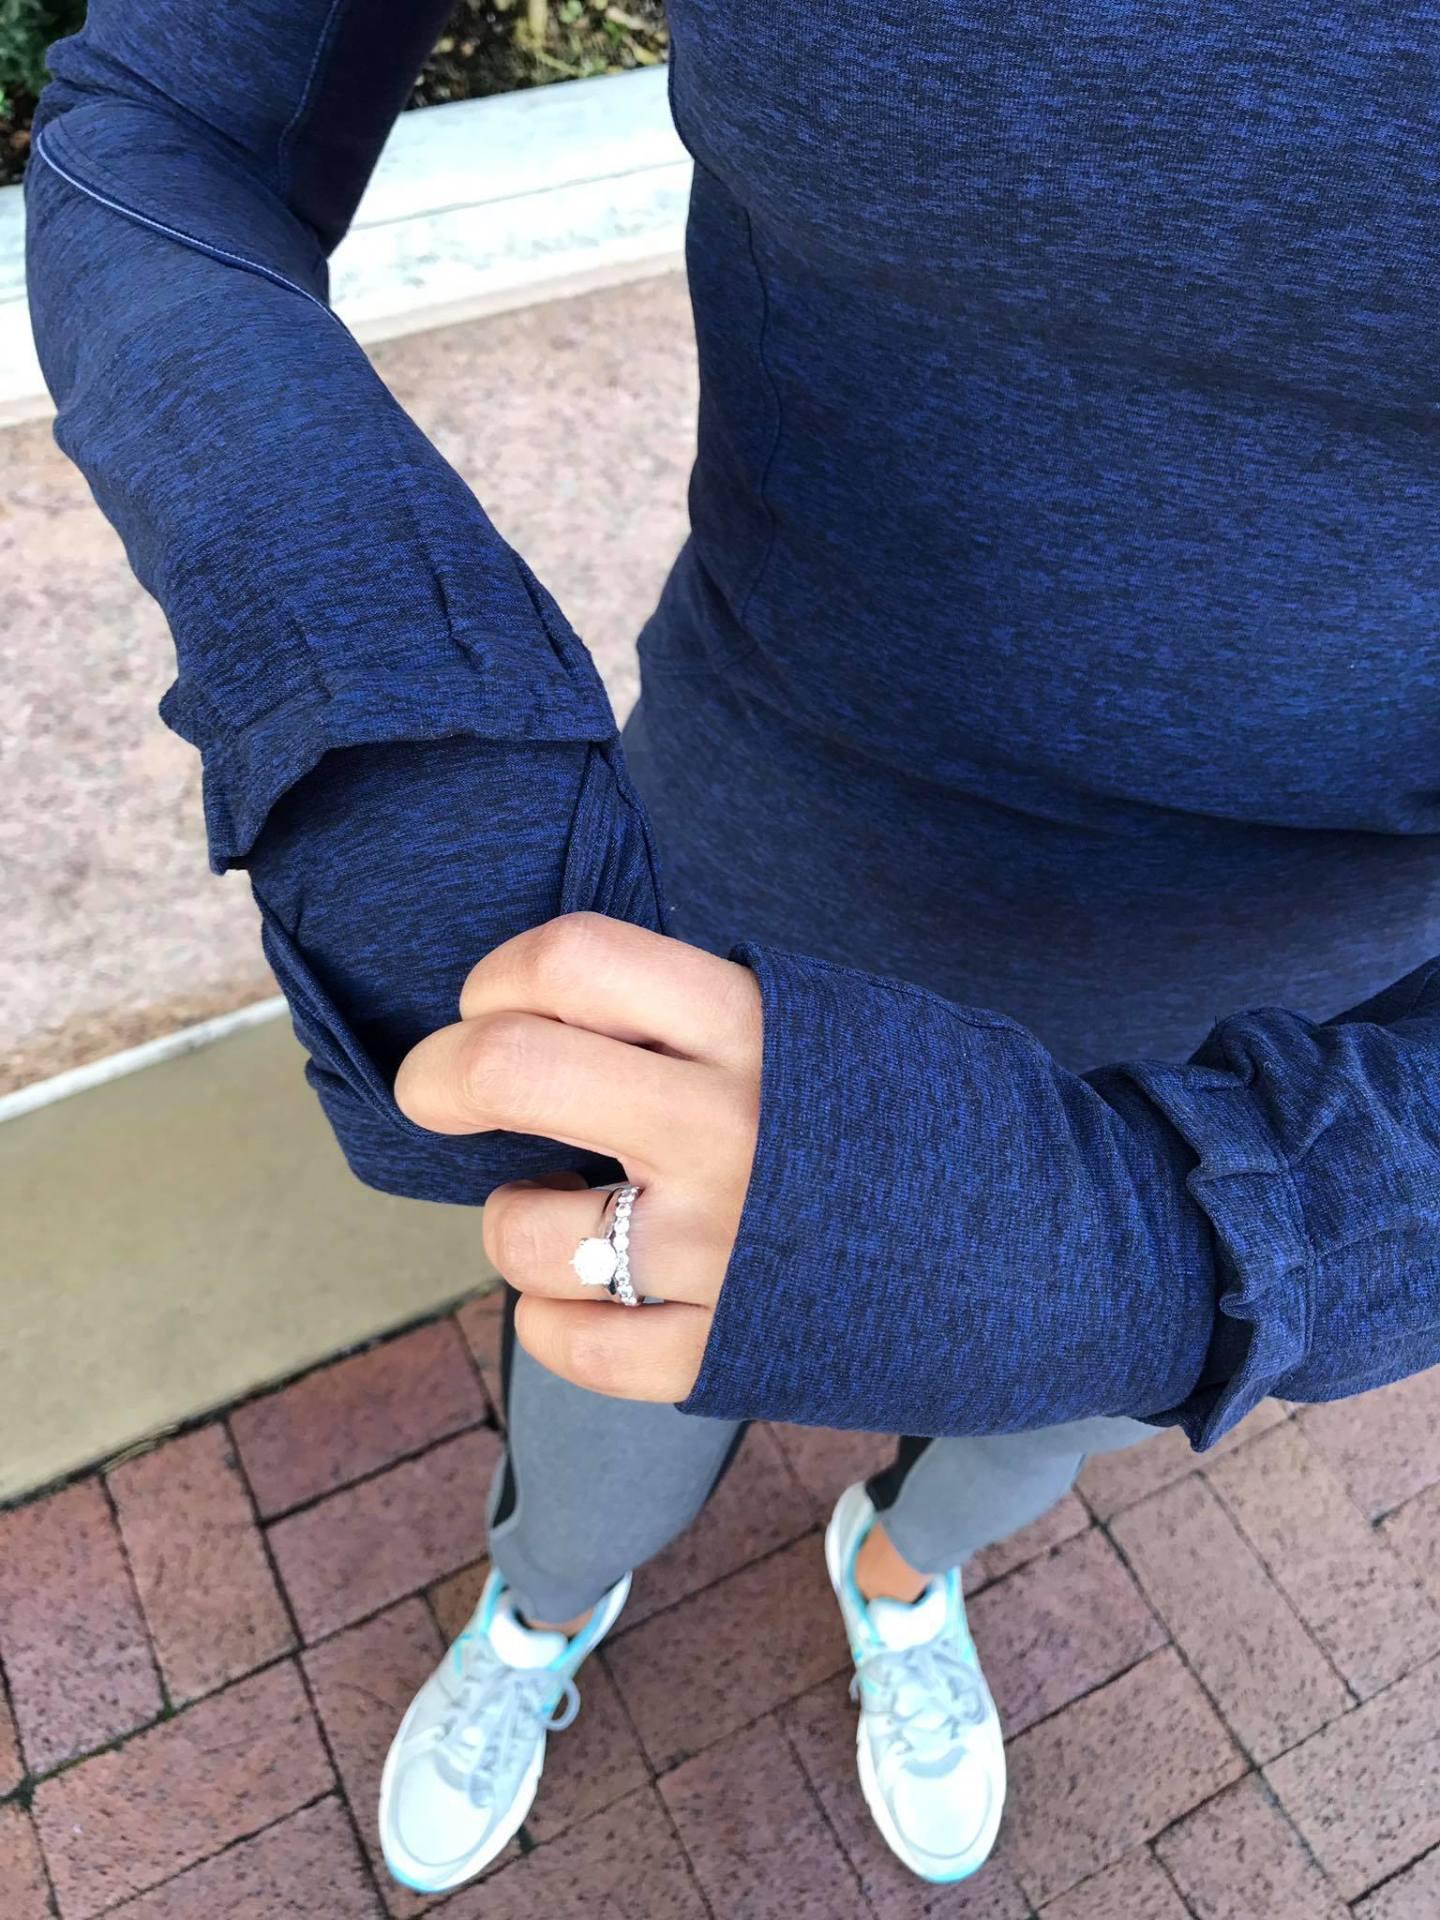 Extra Mile Long Sleeve, Lululemon Store photos